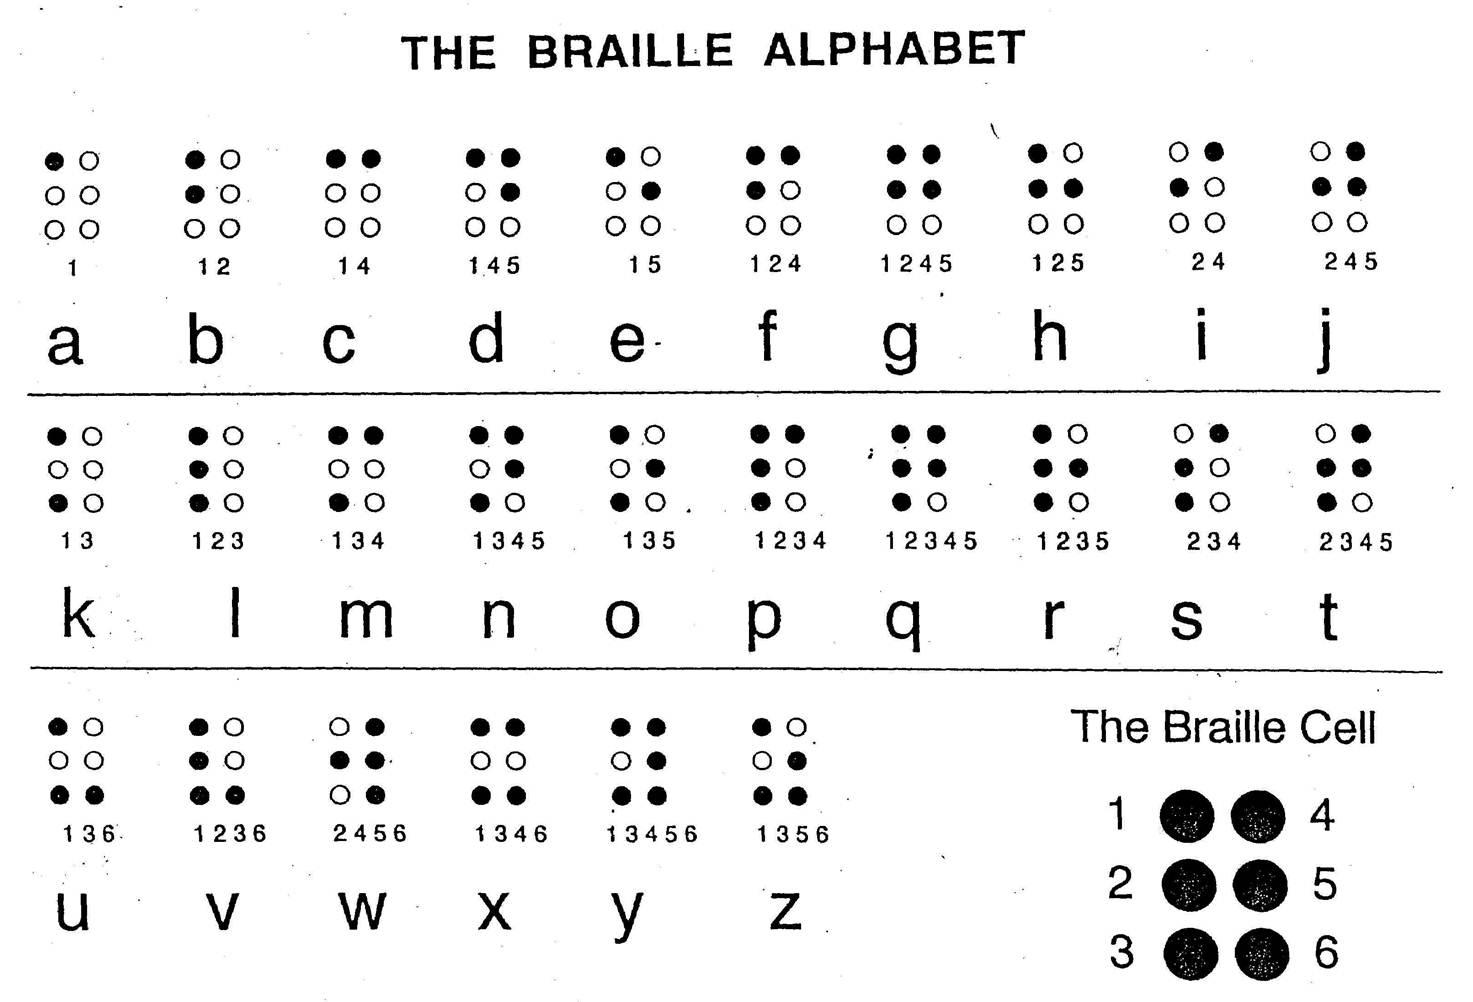 Braille Alphabet Image